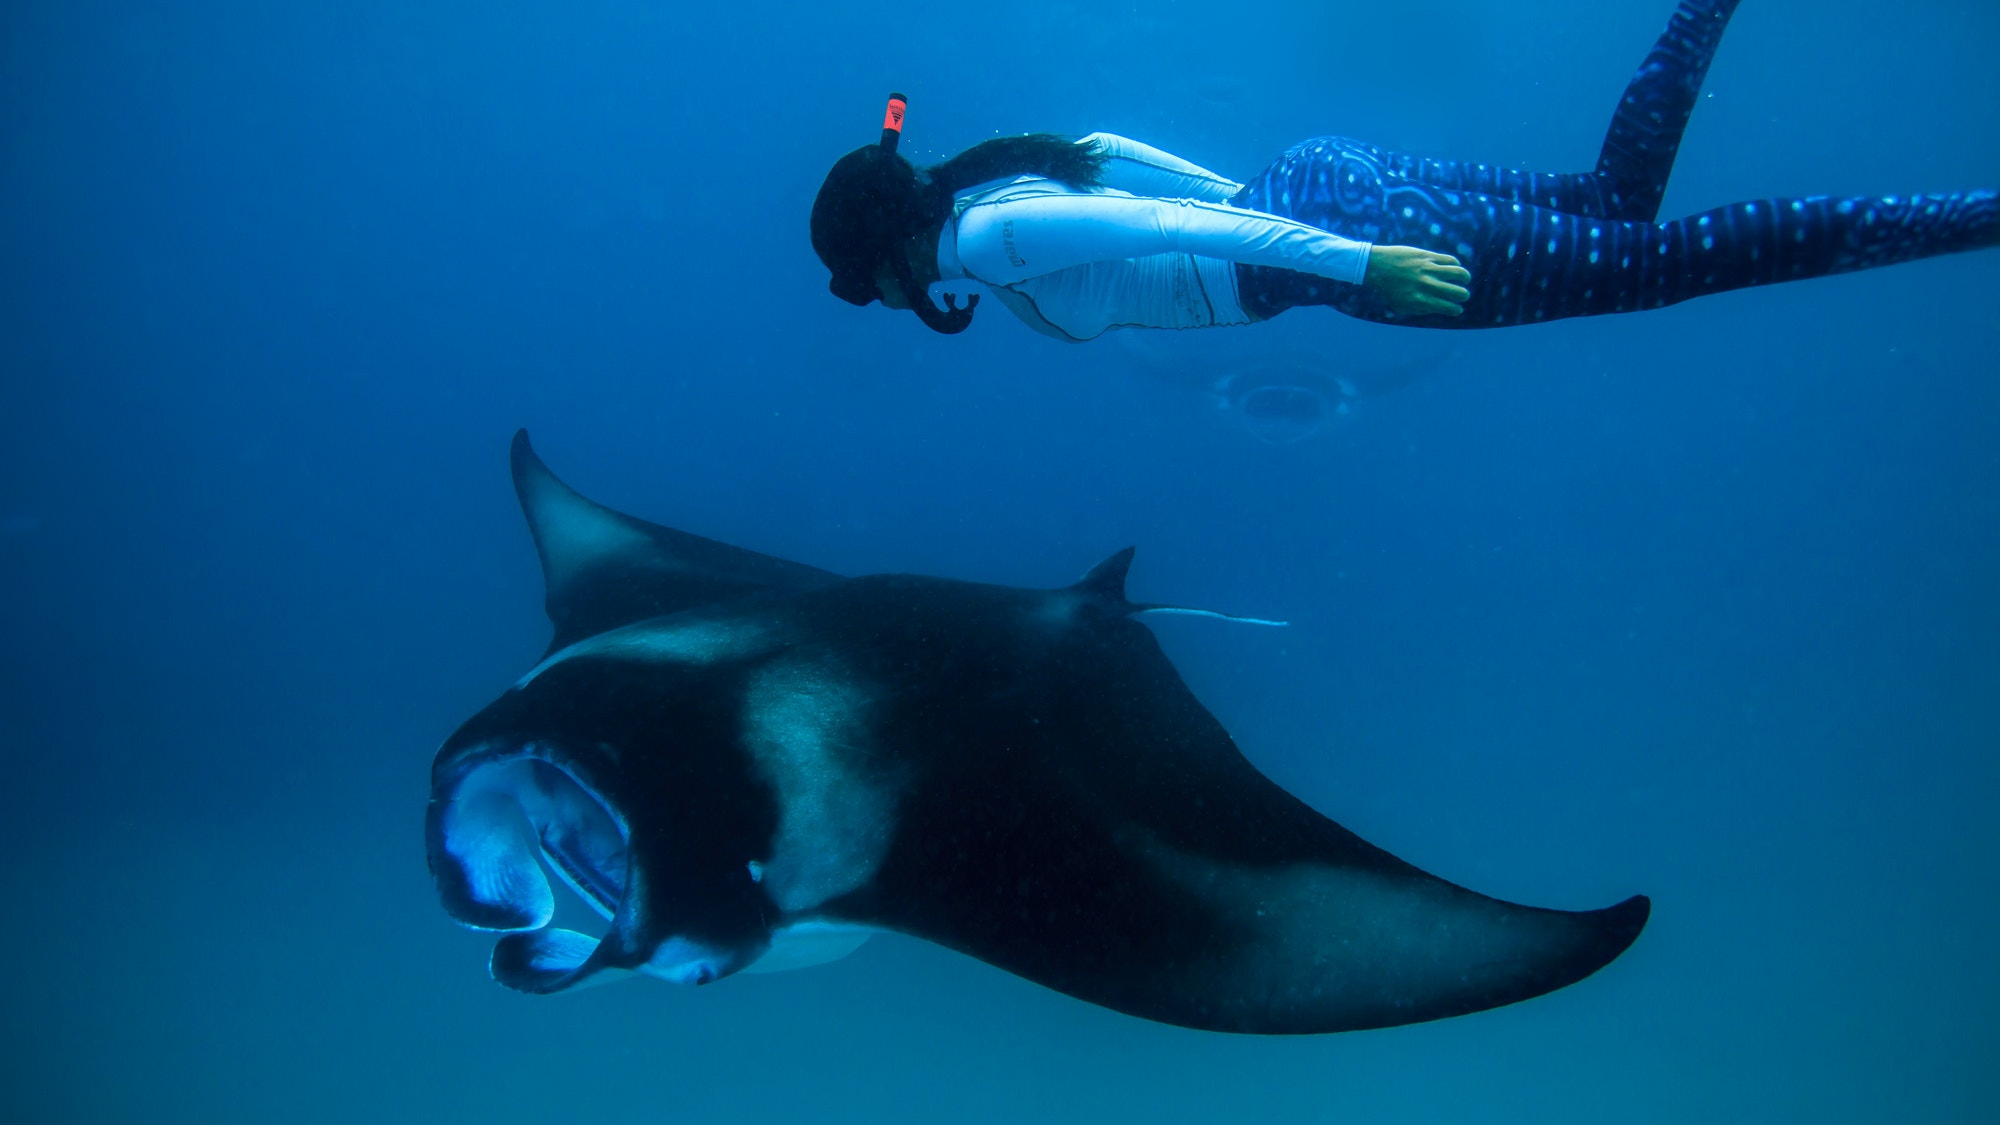 Malaika diving